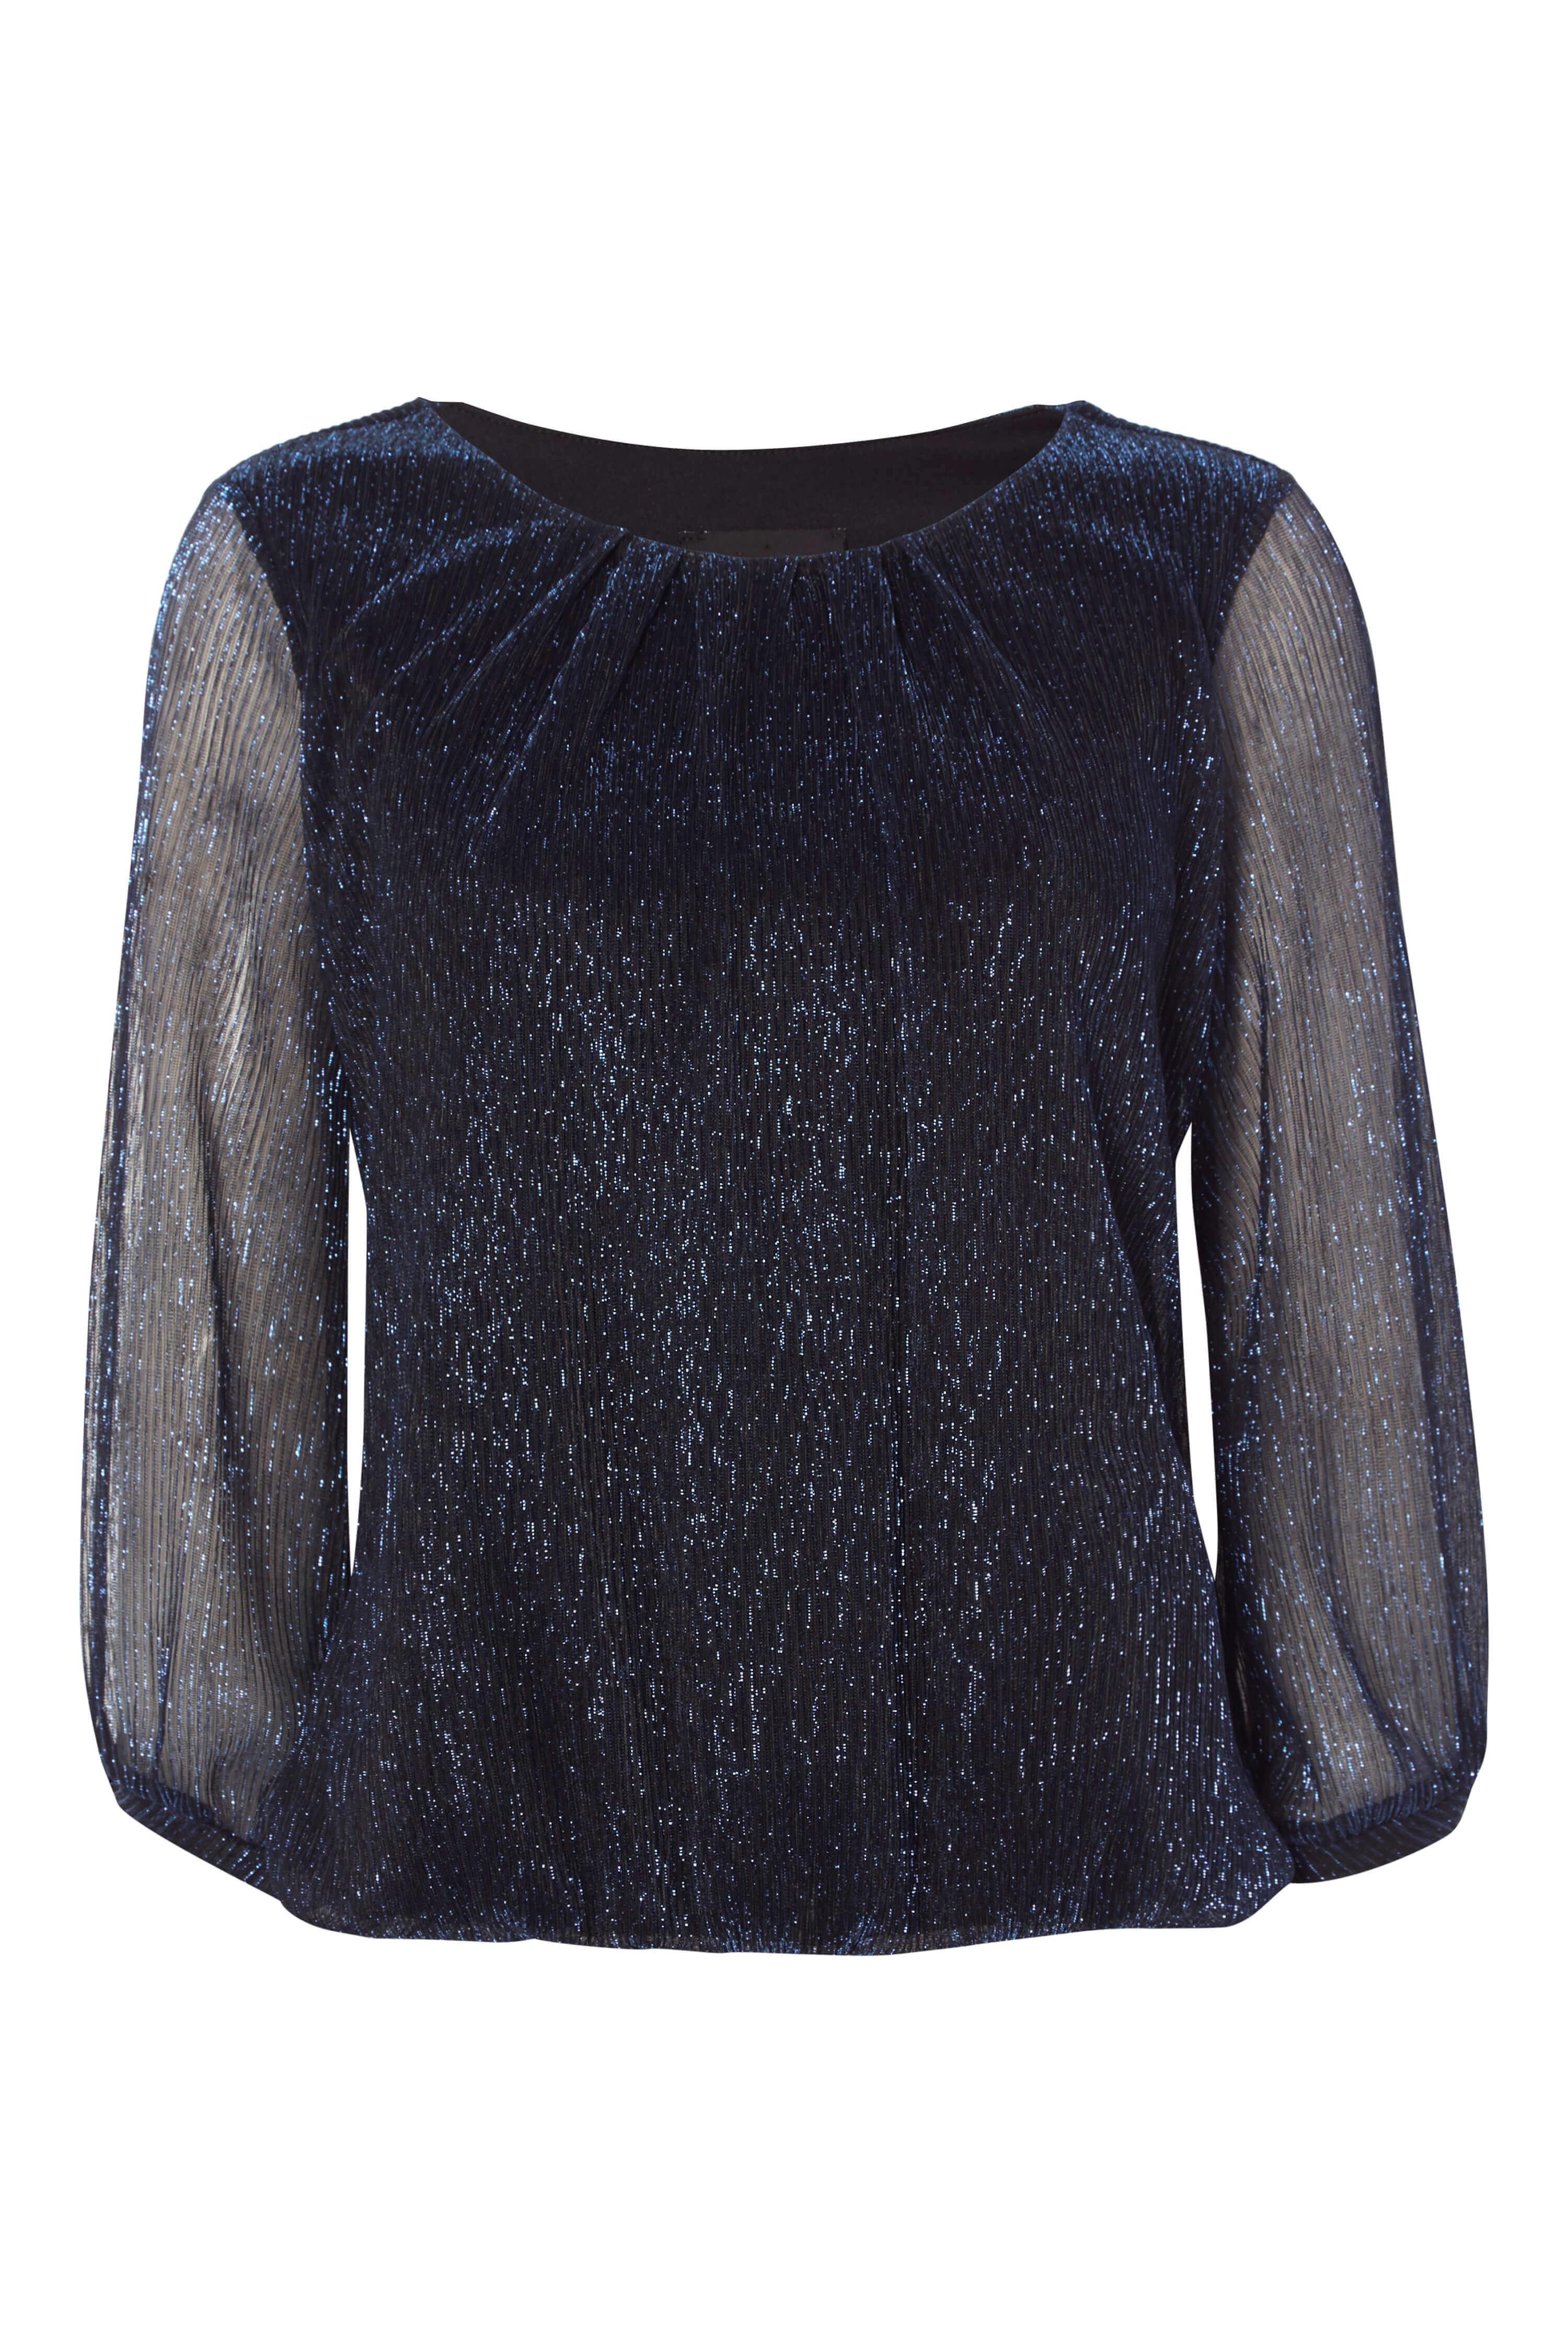 Roman-Originals-Women-039-s-Blue-Shimmer-Plisse-Bubble-Hem-Top-Sizes-10-20 thumbnail 16